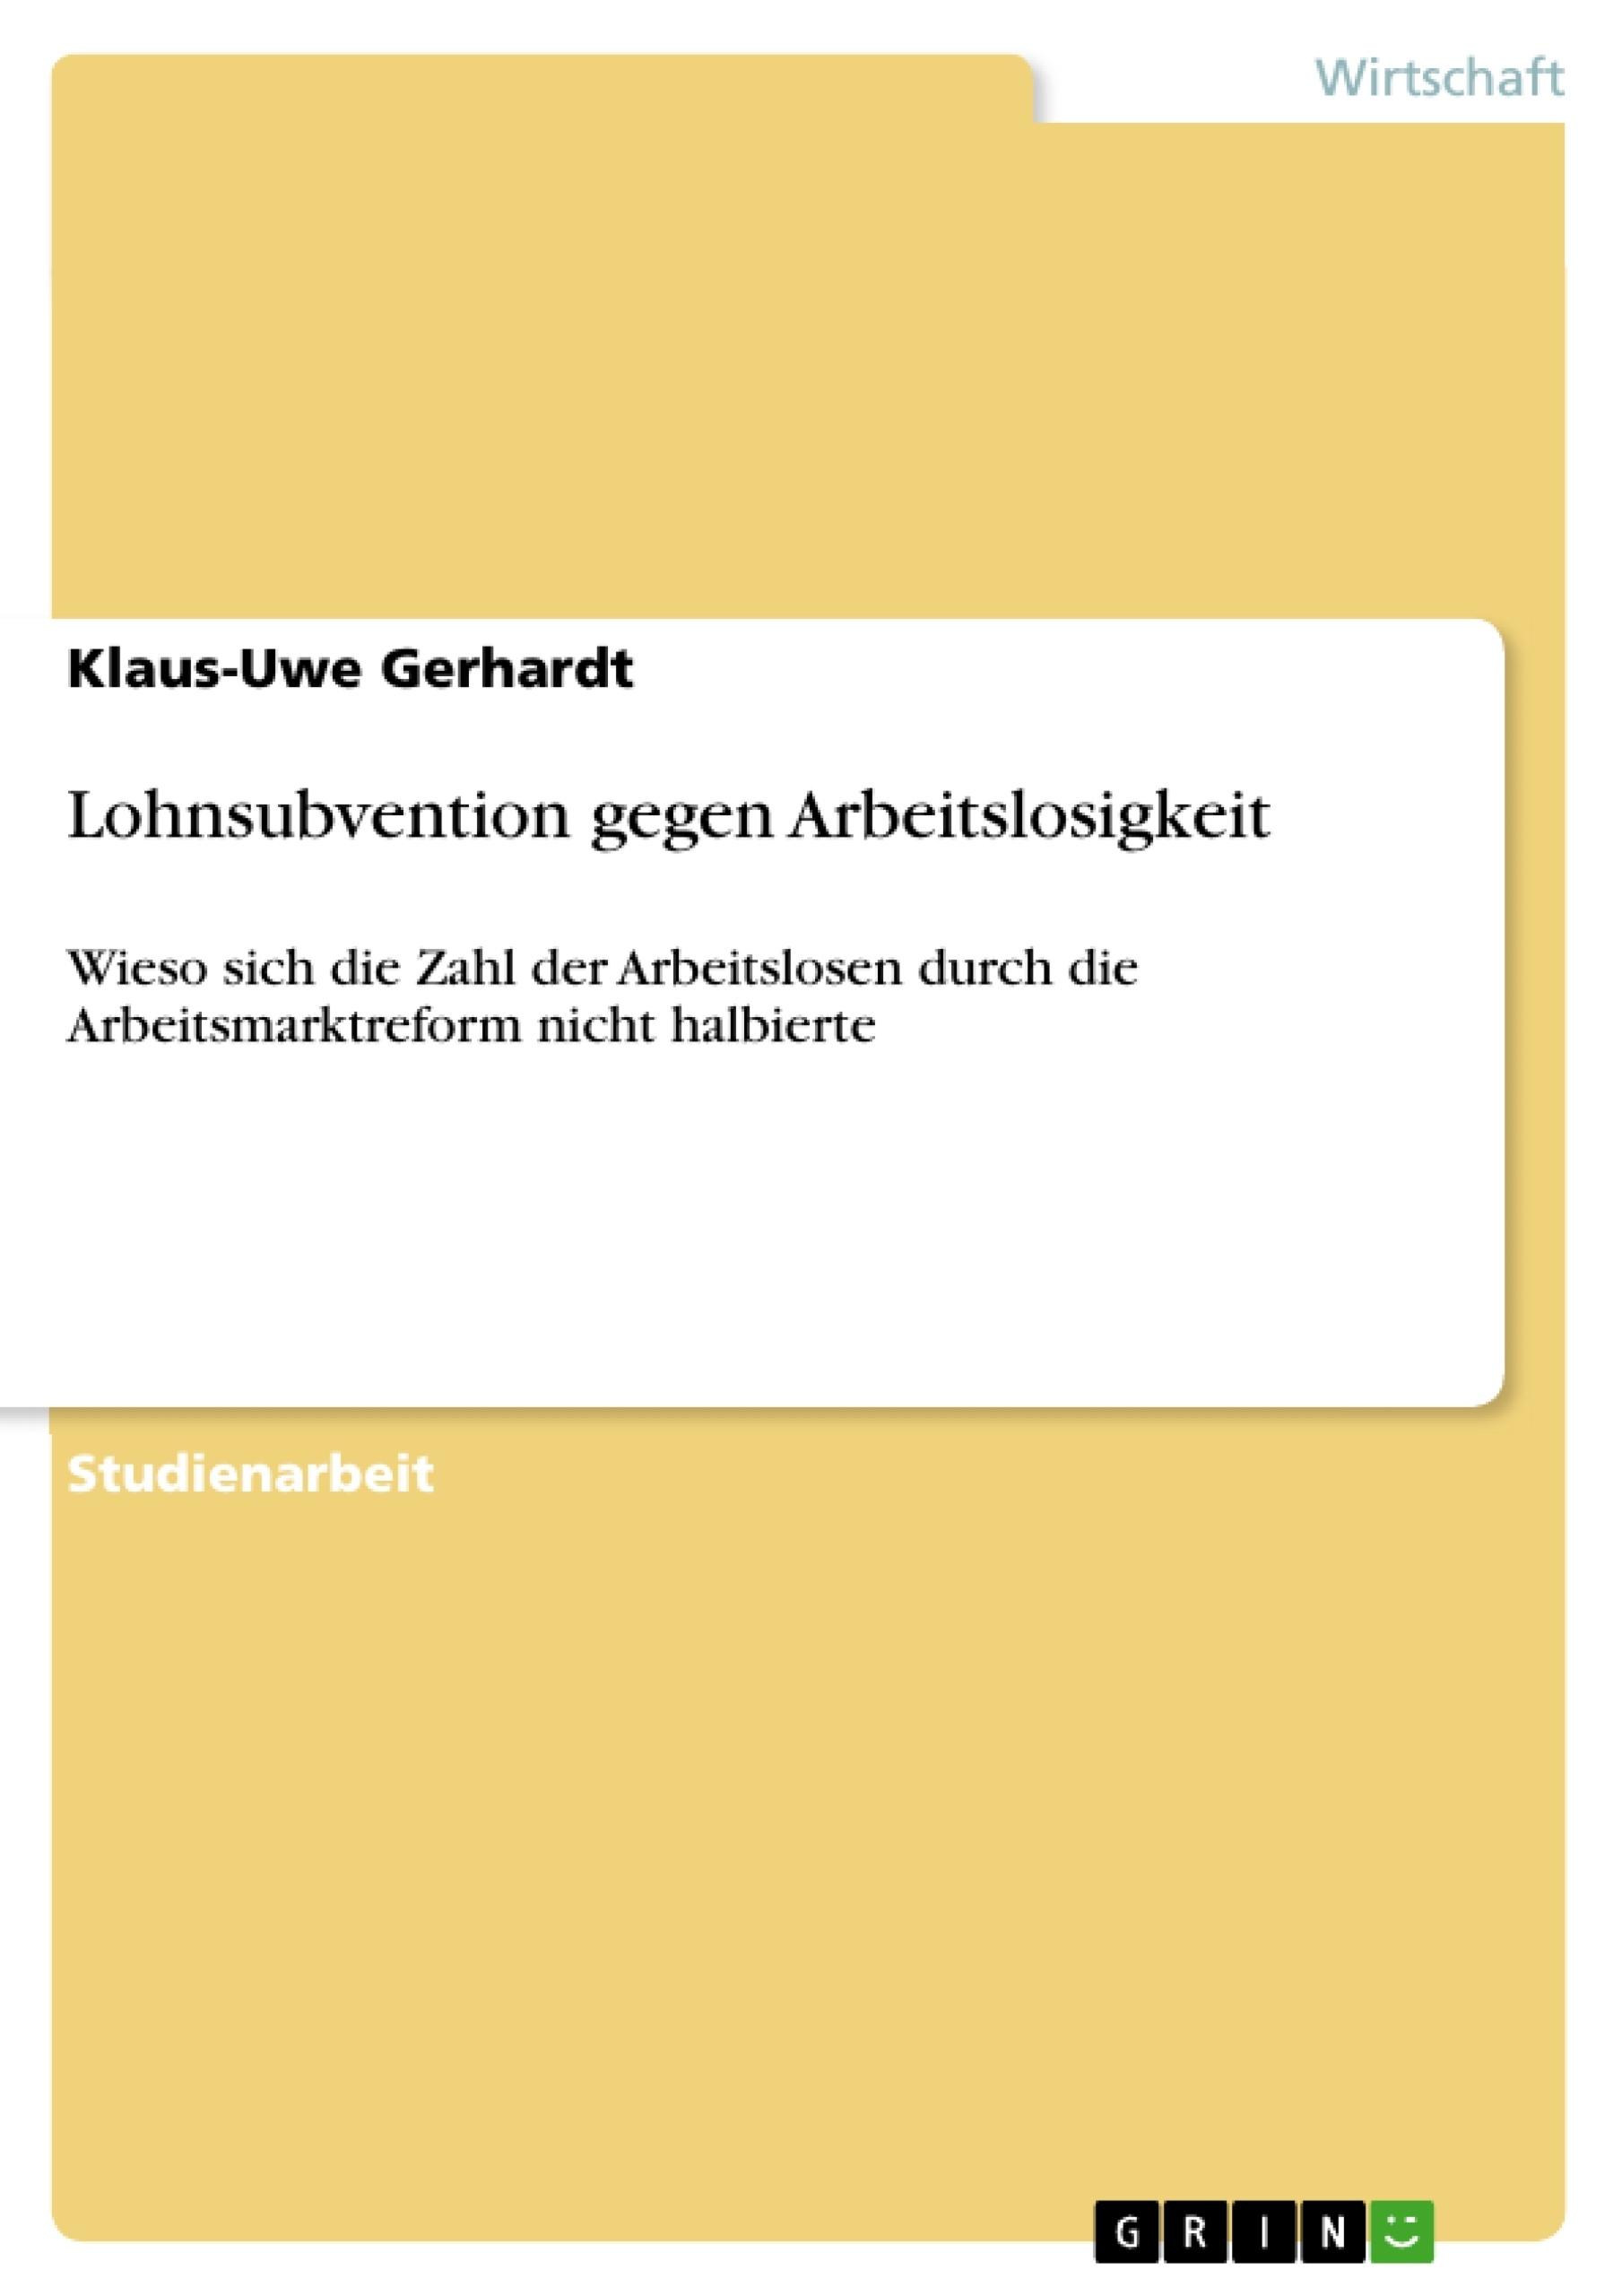 Titel: Lohnsubvention gegen Arbeitslosigkeit